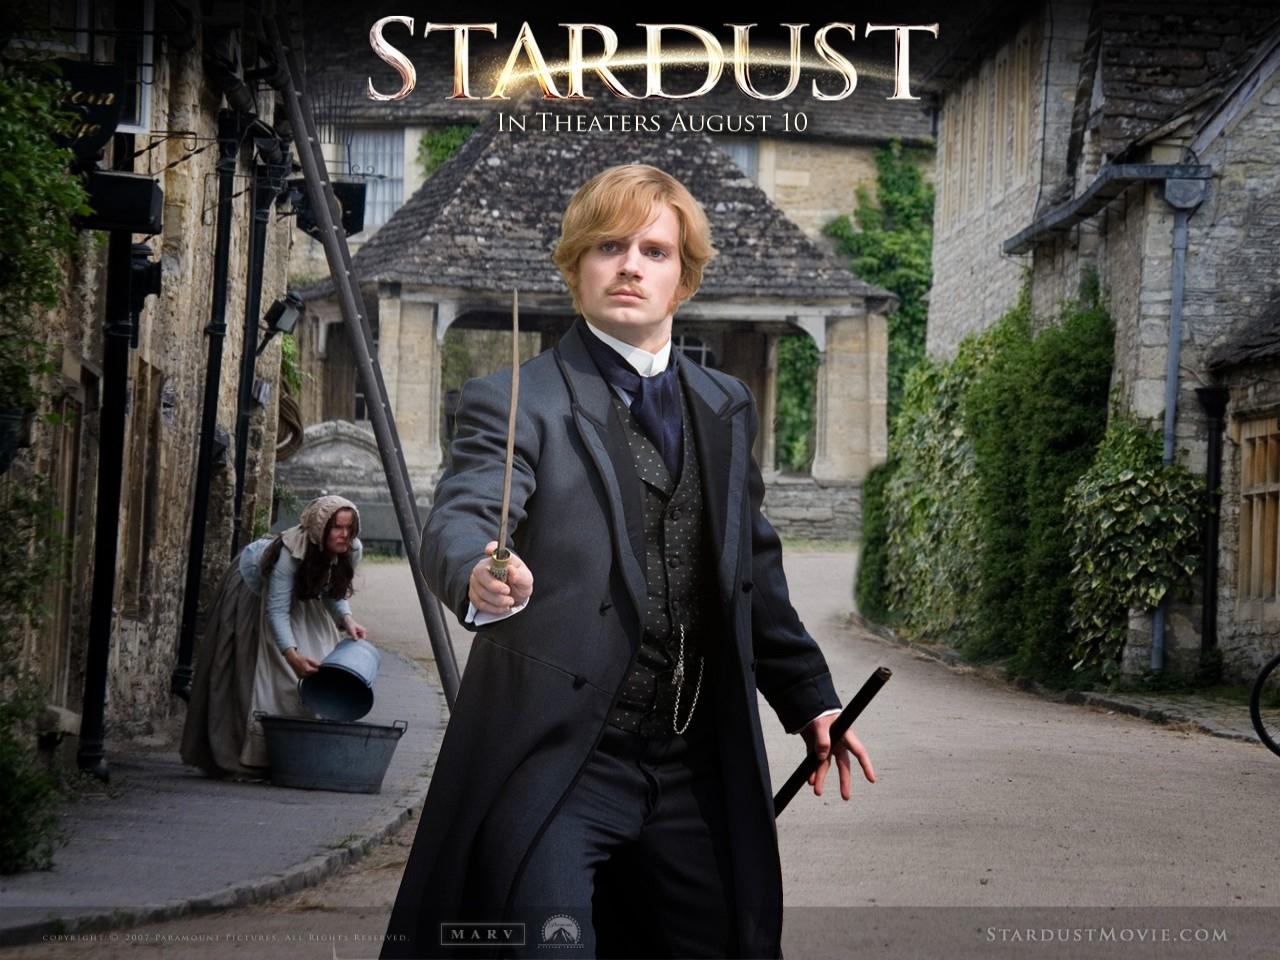 Wallpaper del film Stardust con uno dei protagonisti del film